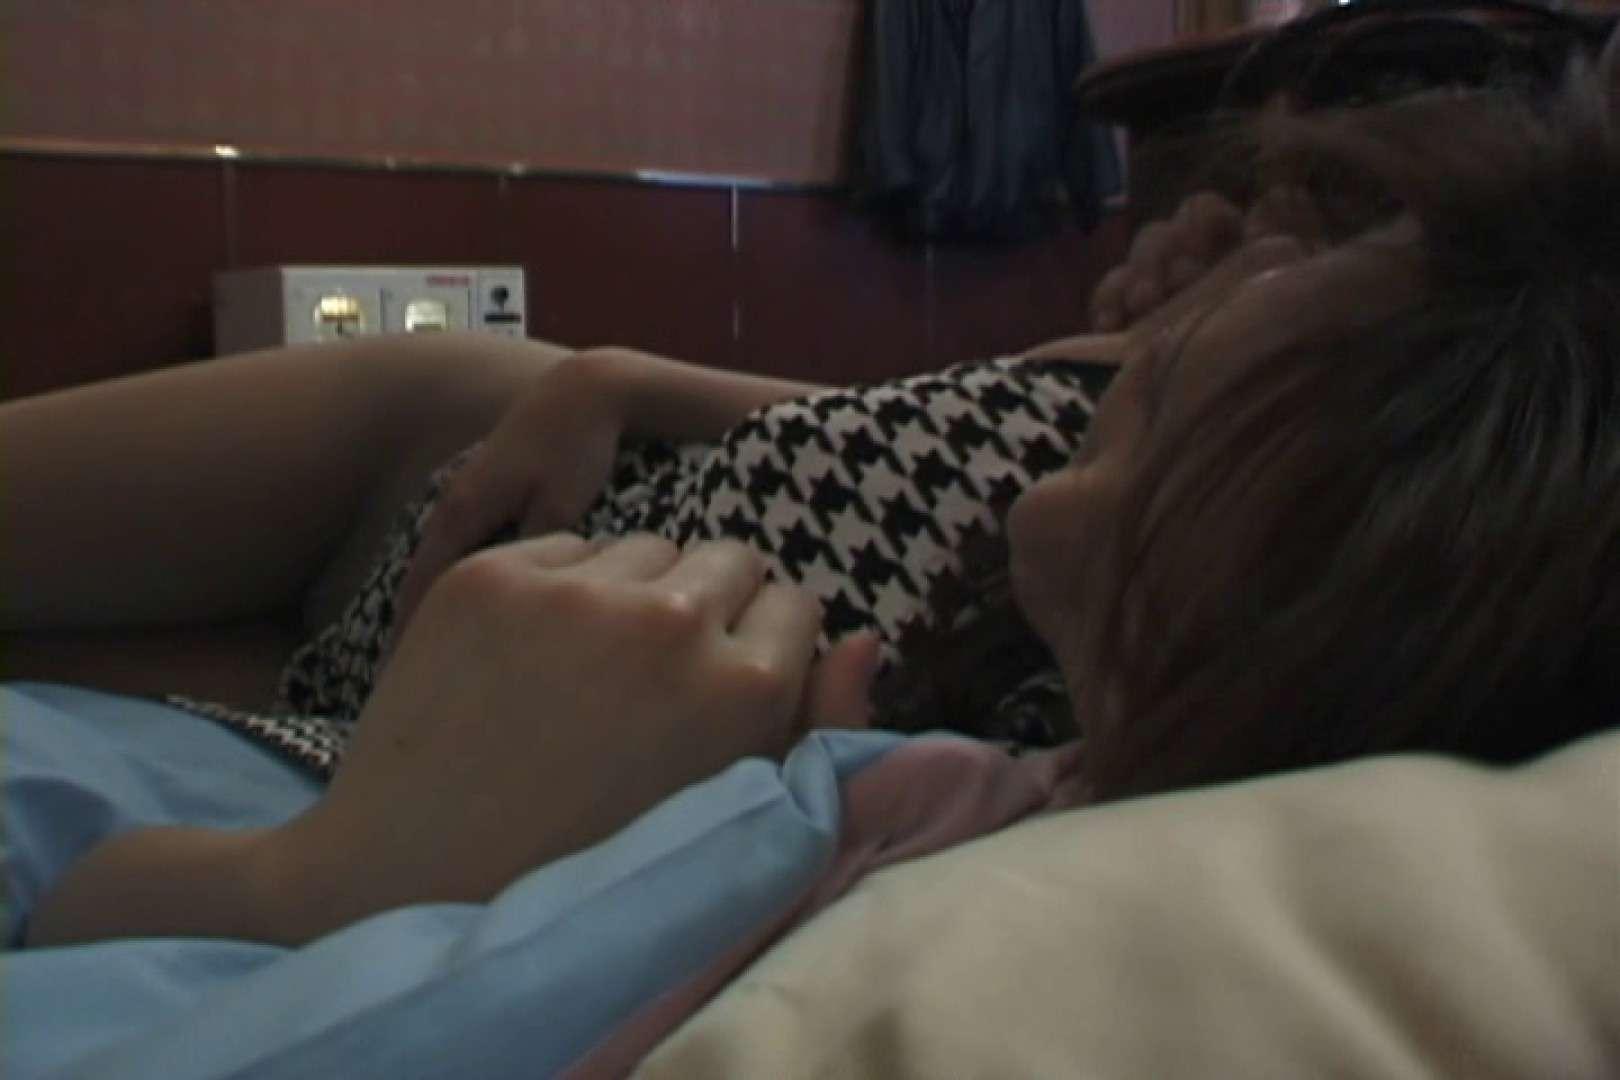 旦那との愛よりも、愛人とのSEX~片瀬梨子~vol,1 ホテル 性交動画流出 107pic 55